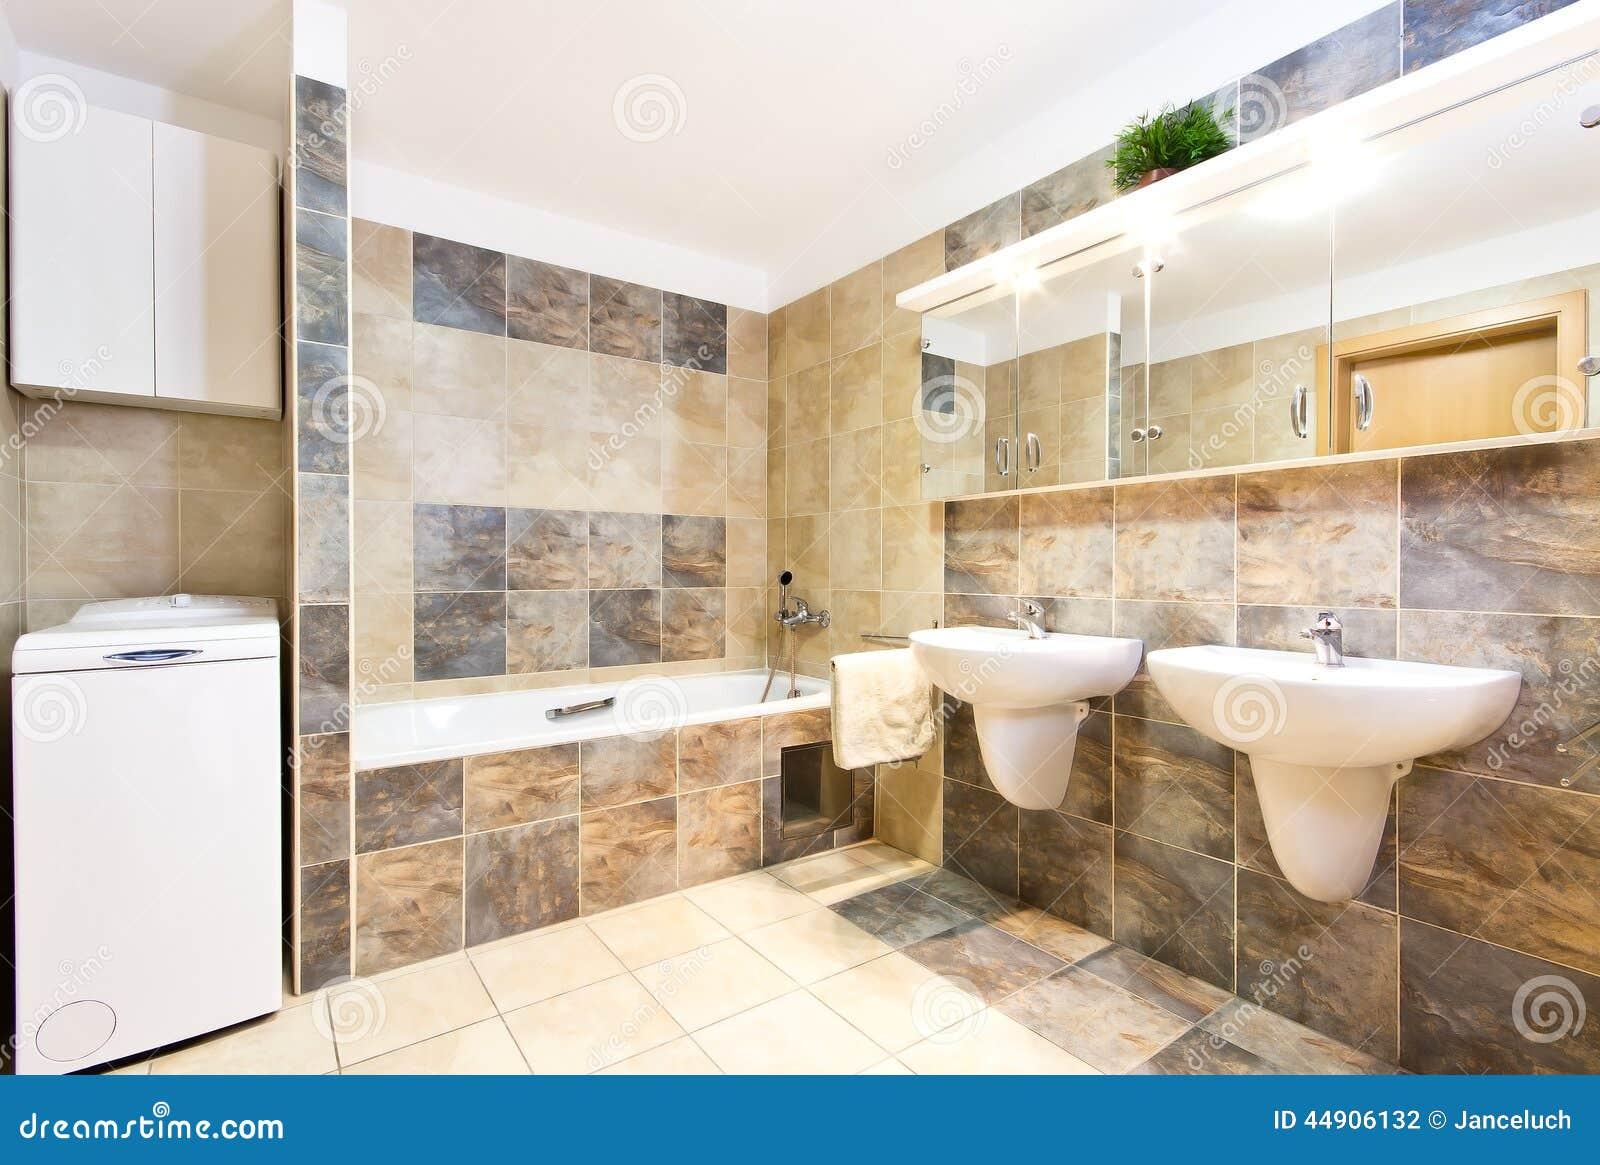 Cuarto de ba o limpio moderno con dos lavabos foto de - Banos con dos lavabos ...